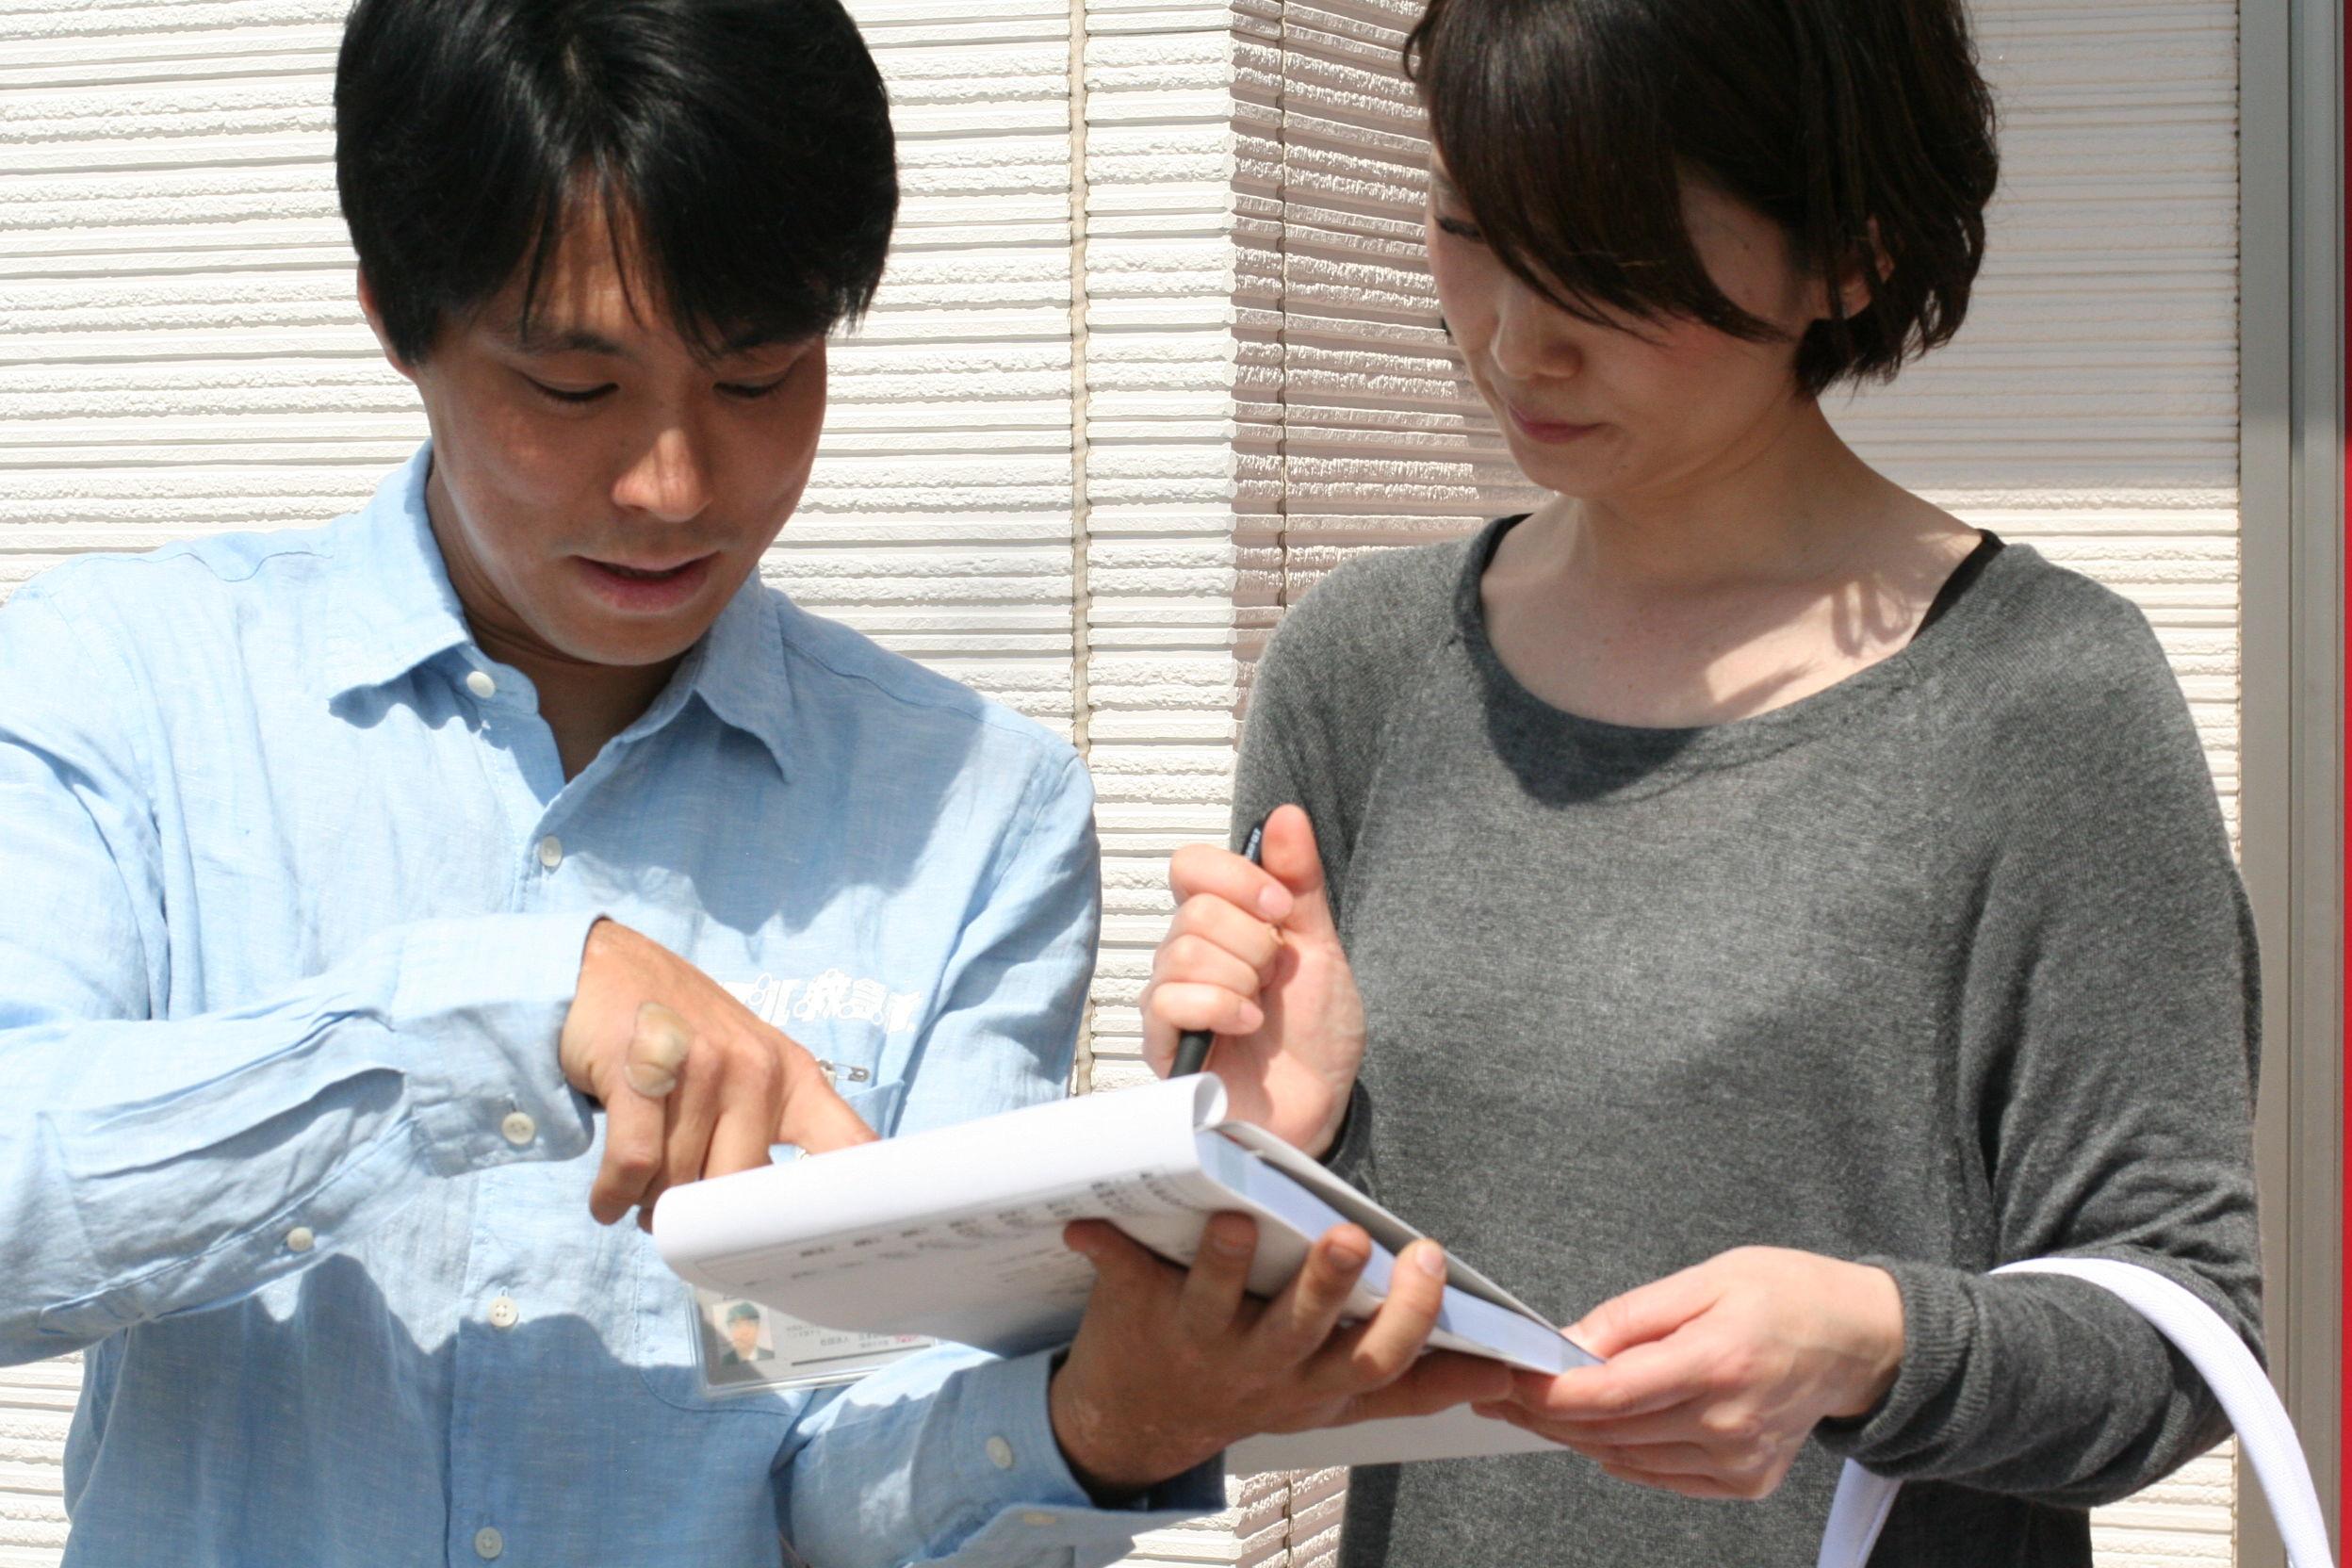 鍵のトラブル救急車【豊田市 出張エリア】のメイン画像